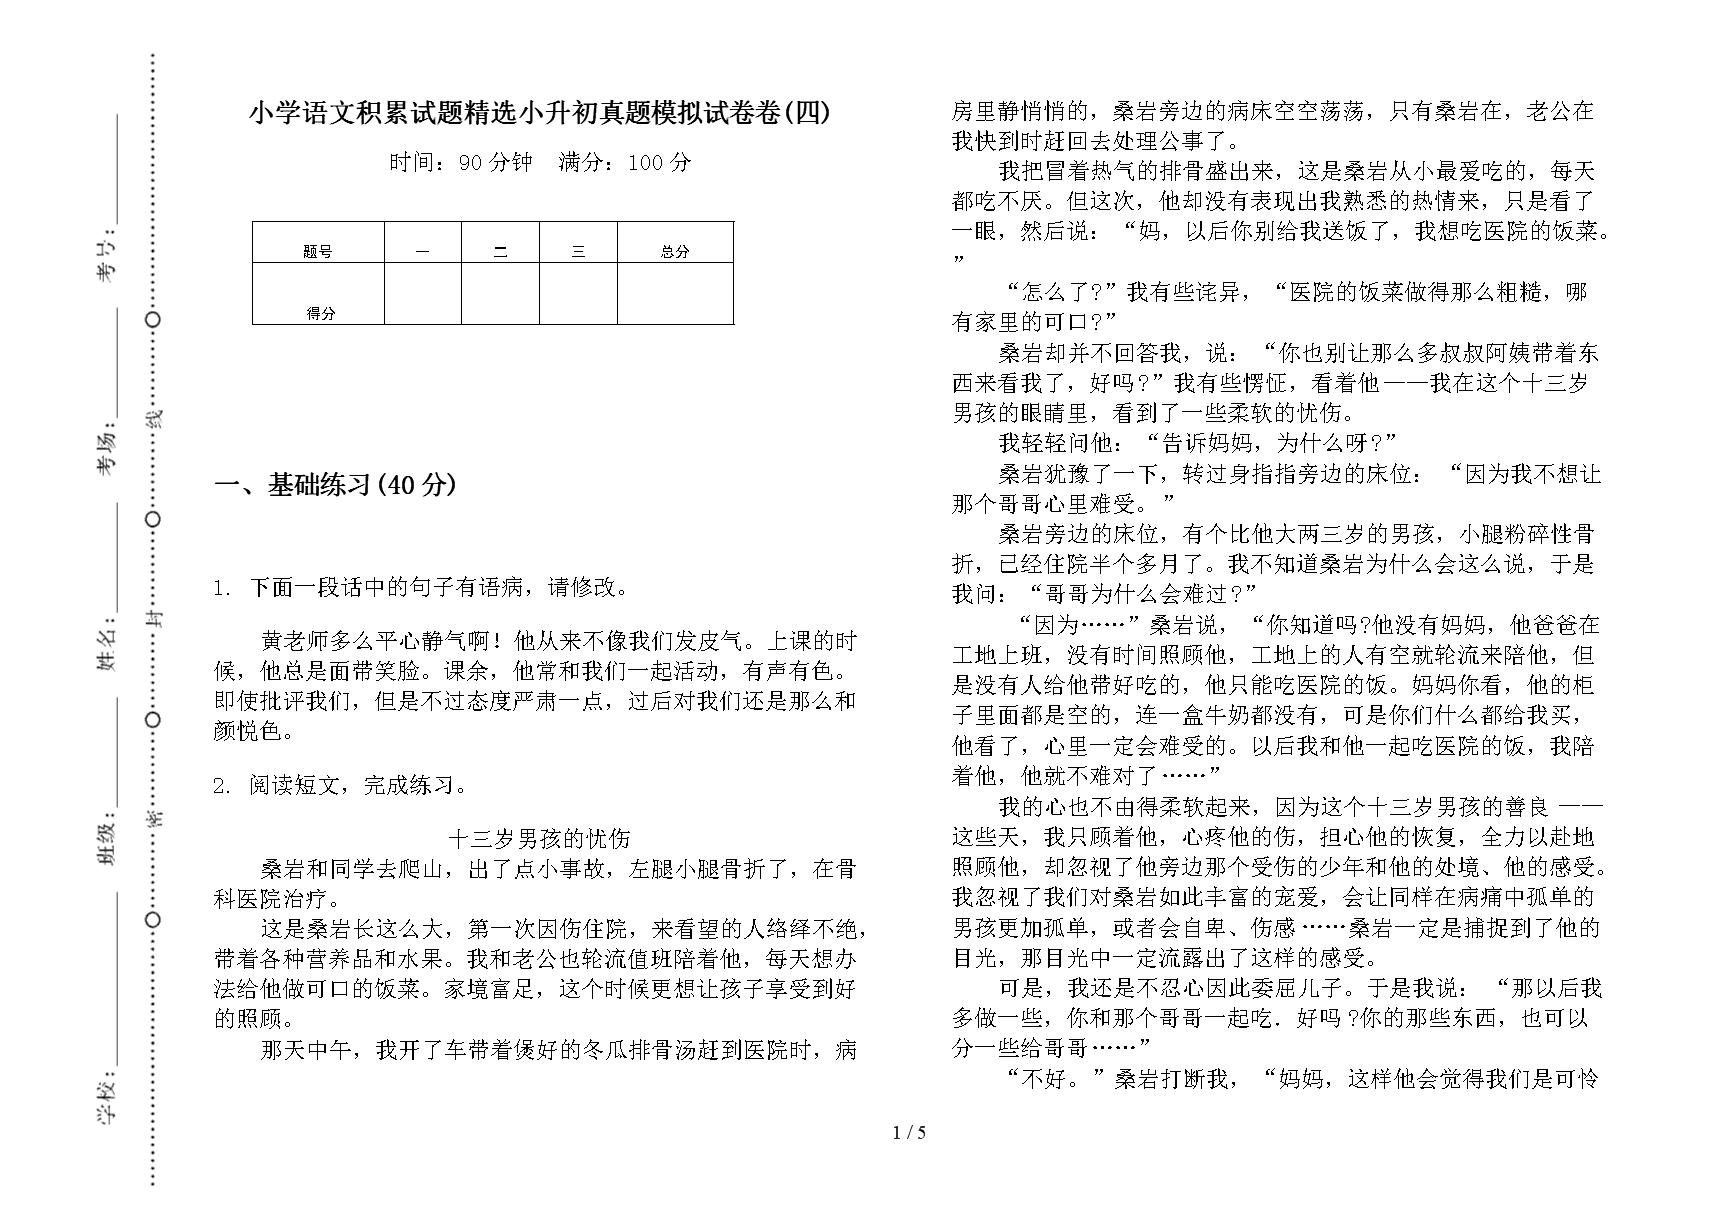 小学语文积累试题精选小升初真题模拟试卷卷(四).docx